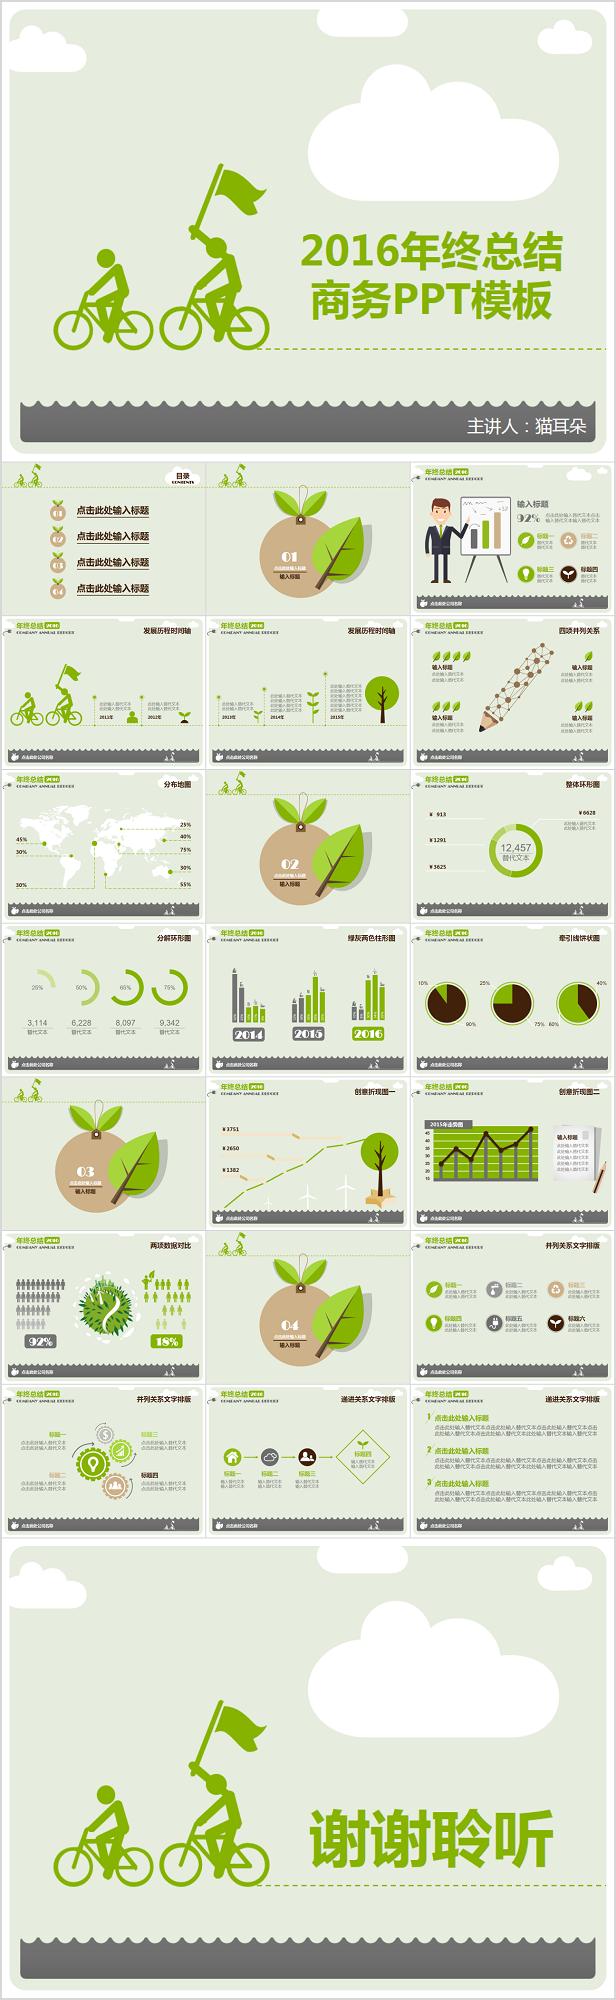 【猫耳朵】绿色清新年终总结模板-动画版